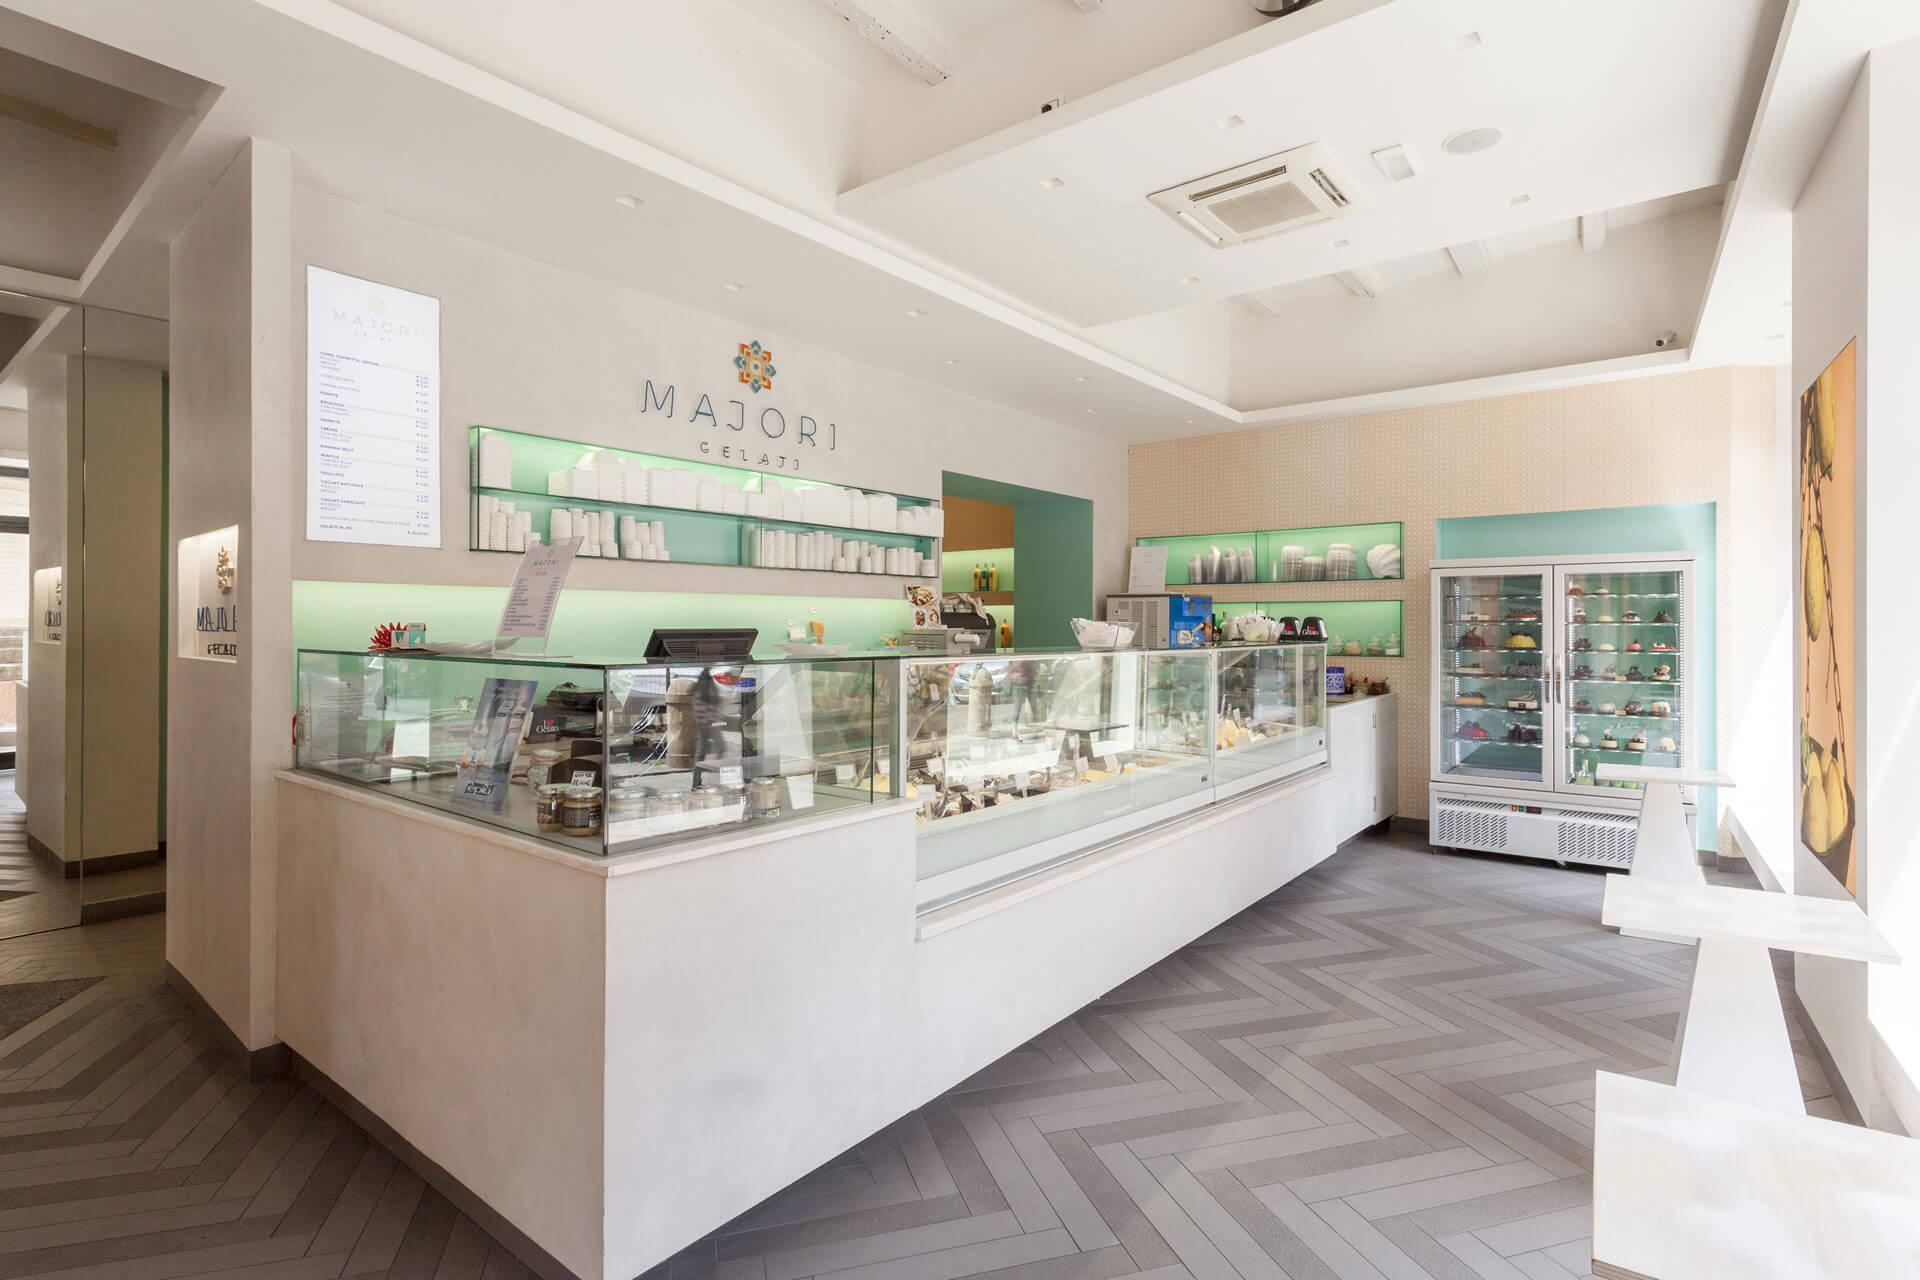 micaela-mazzoni-studio-interior-designer-bologna-progetti-commerciali-gallery-gelateria-majori-bologna-2